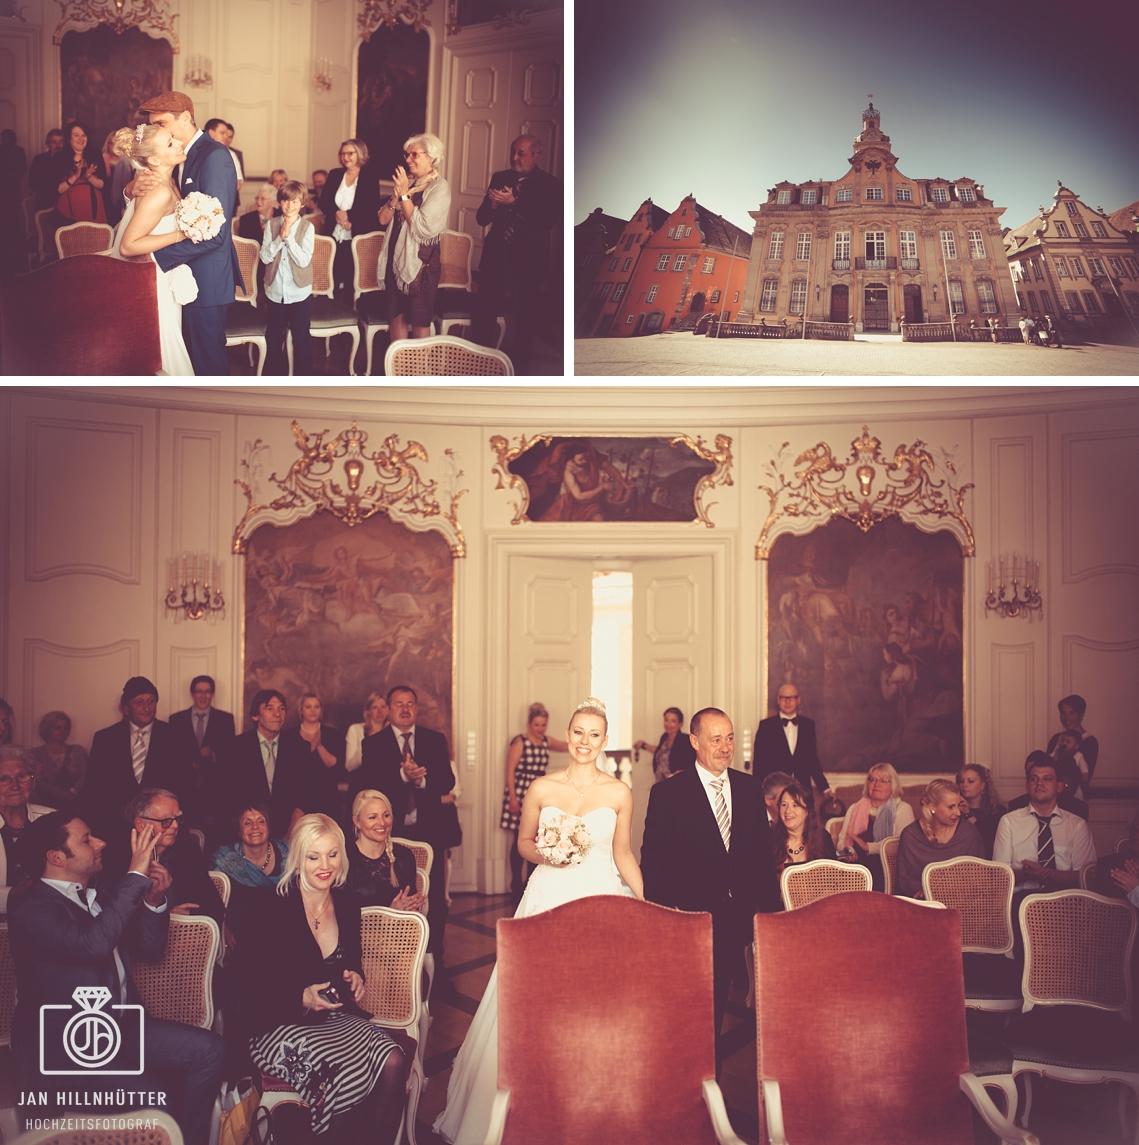 Vintage-Hochzeitspaar-Schwaebisch-Hall-Trausaal-Rathaus-Marktplatz-Brautvater-Braut